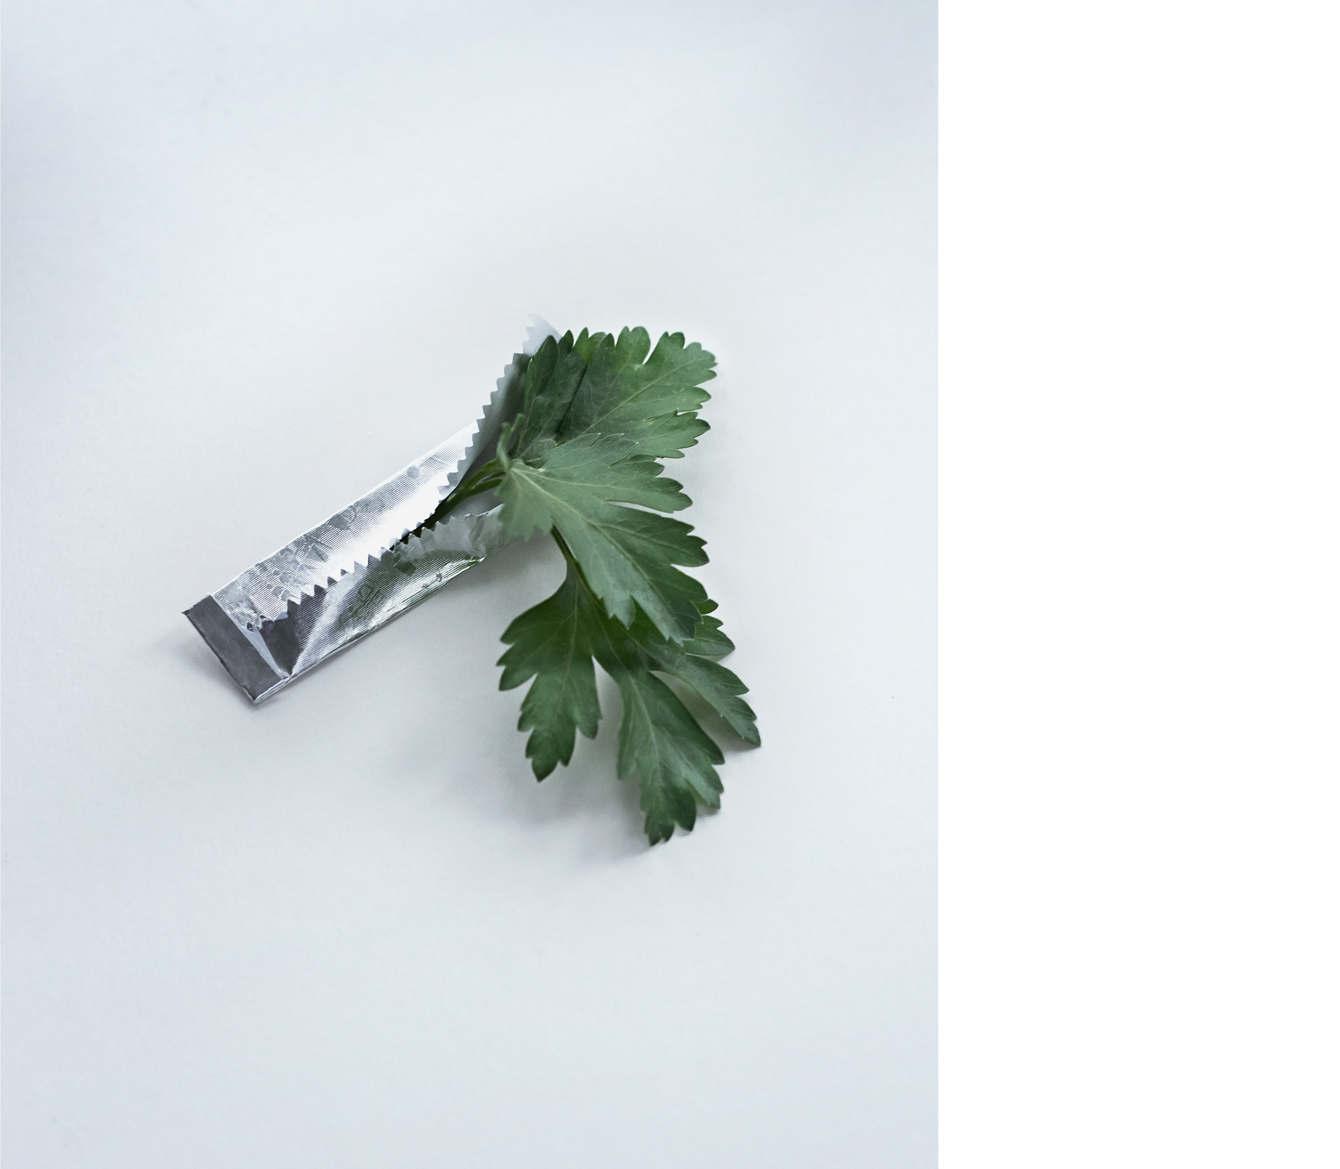 parsley_2_1340_c.jpg